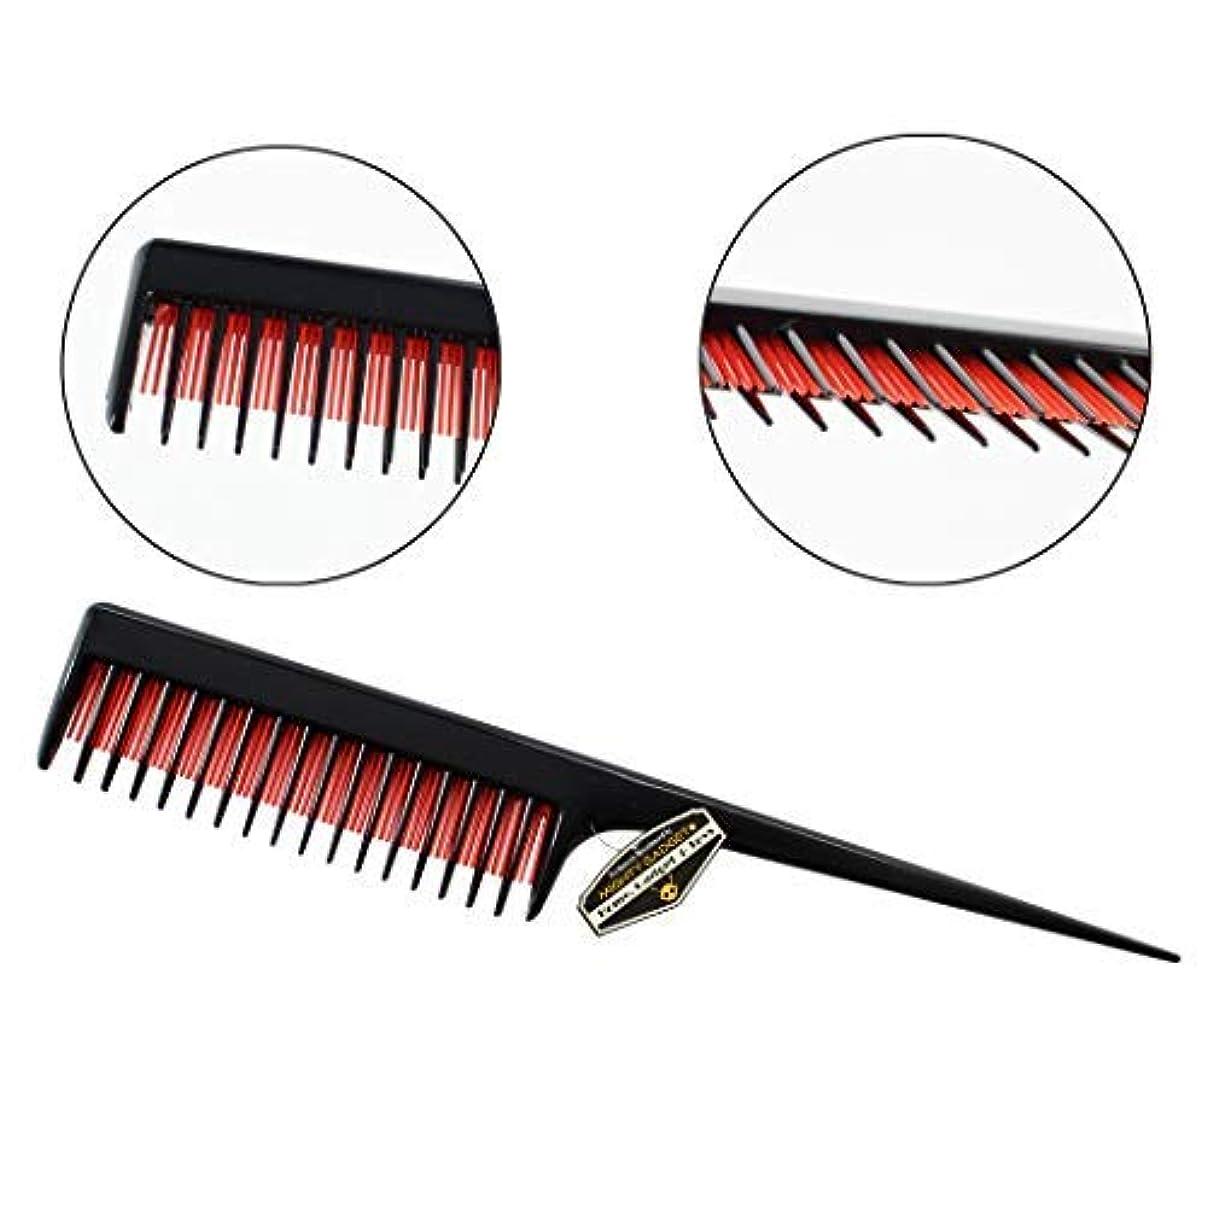 傘狂人モニカ3 Pack of Mighty Gadget 8 inch Teasing Comb - Rat Tail Comb for Back Combing, Root Teasing, Adding Volume, Evening...